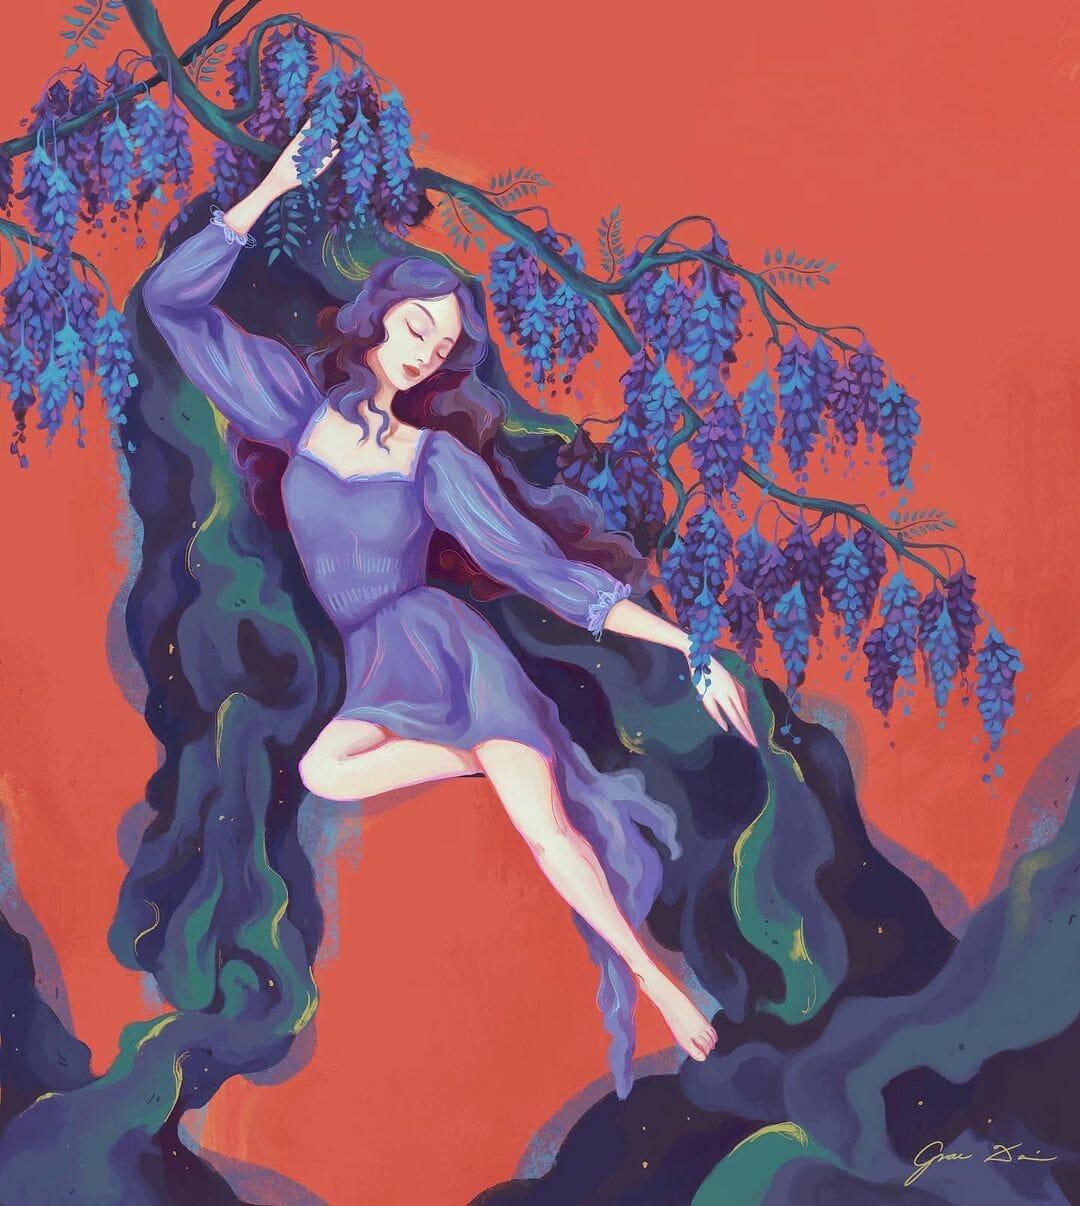 Une femme pose sous des glycines, ses cheveux et sa robe sont aussi violets que les fleurs